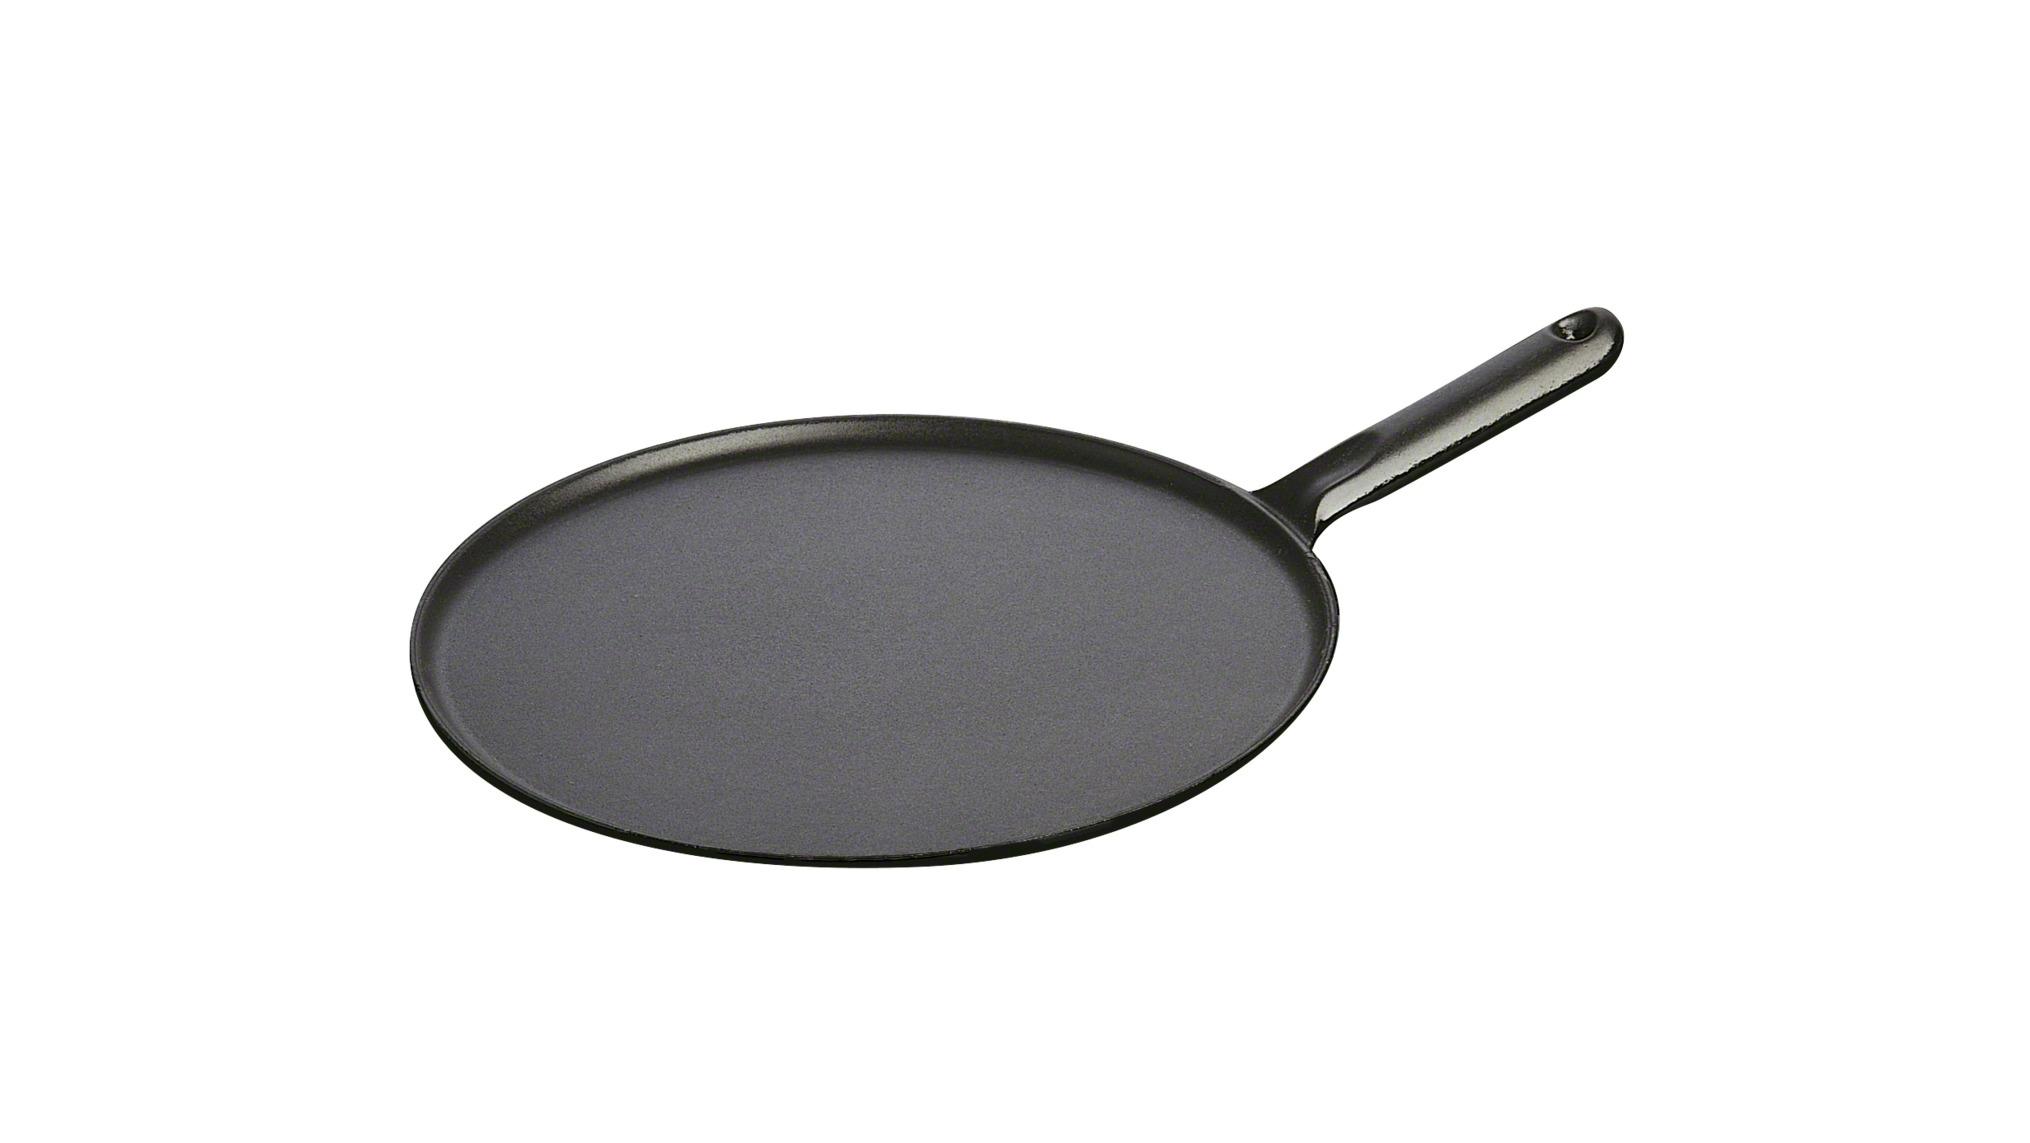 Сковорода для блинов Staub черная, с чугунной ручкой, 30 см ,с приспособлением размазывания и лопаткой 1213023